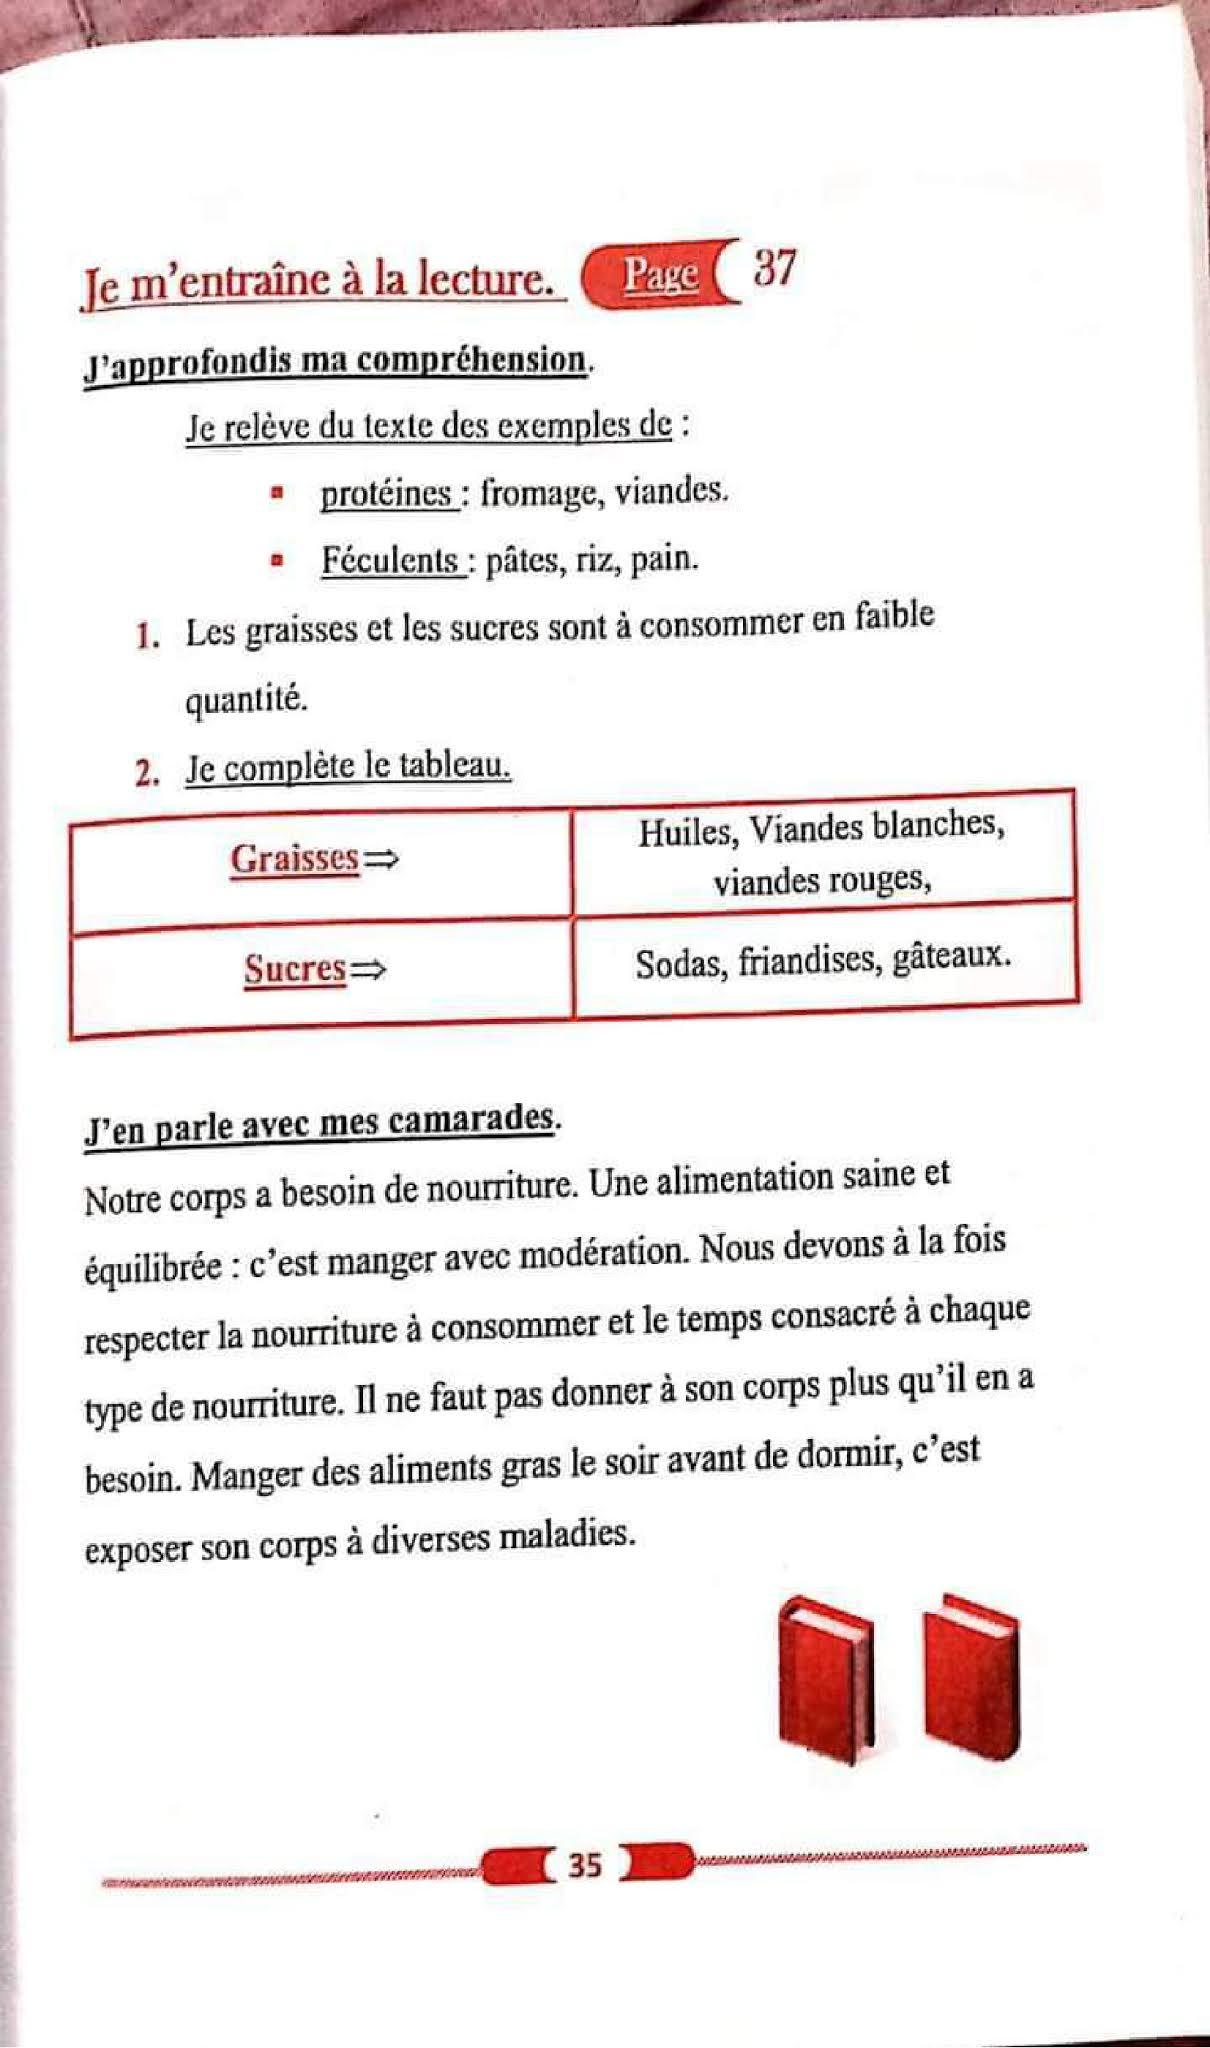 حل تمارين صفحة 38 الفرنسية 1 متوسط الجيل الثاني